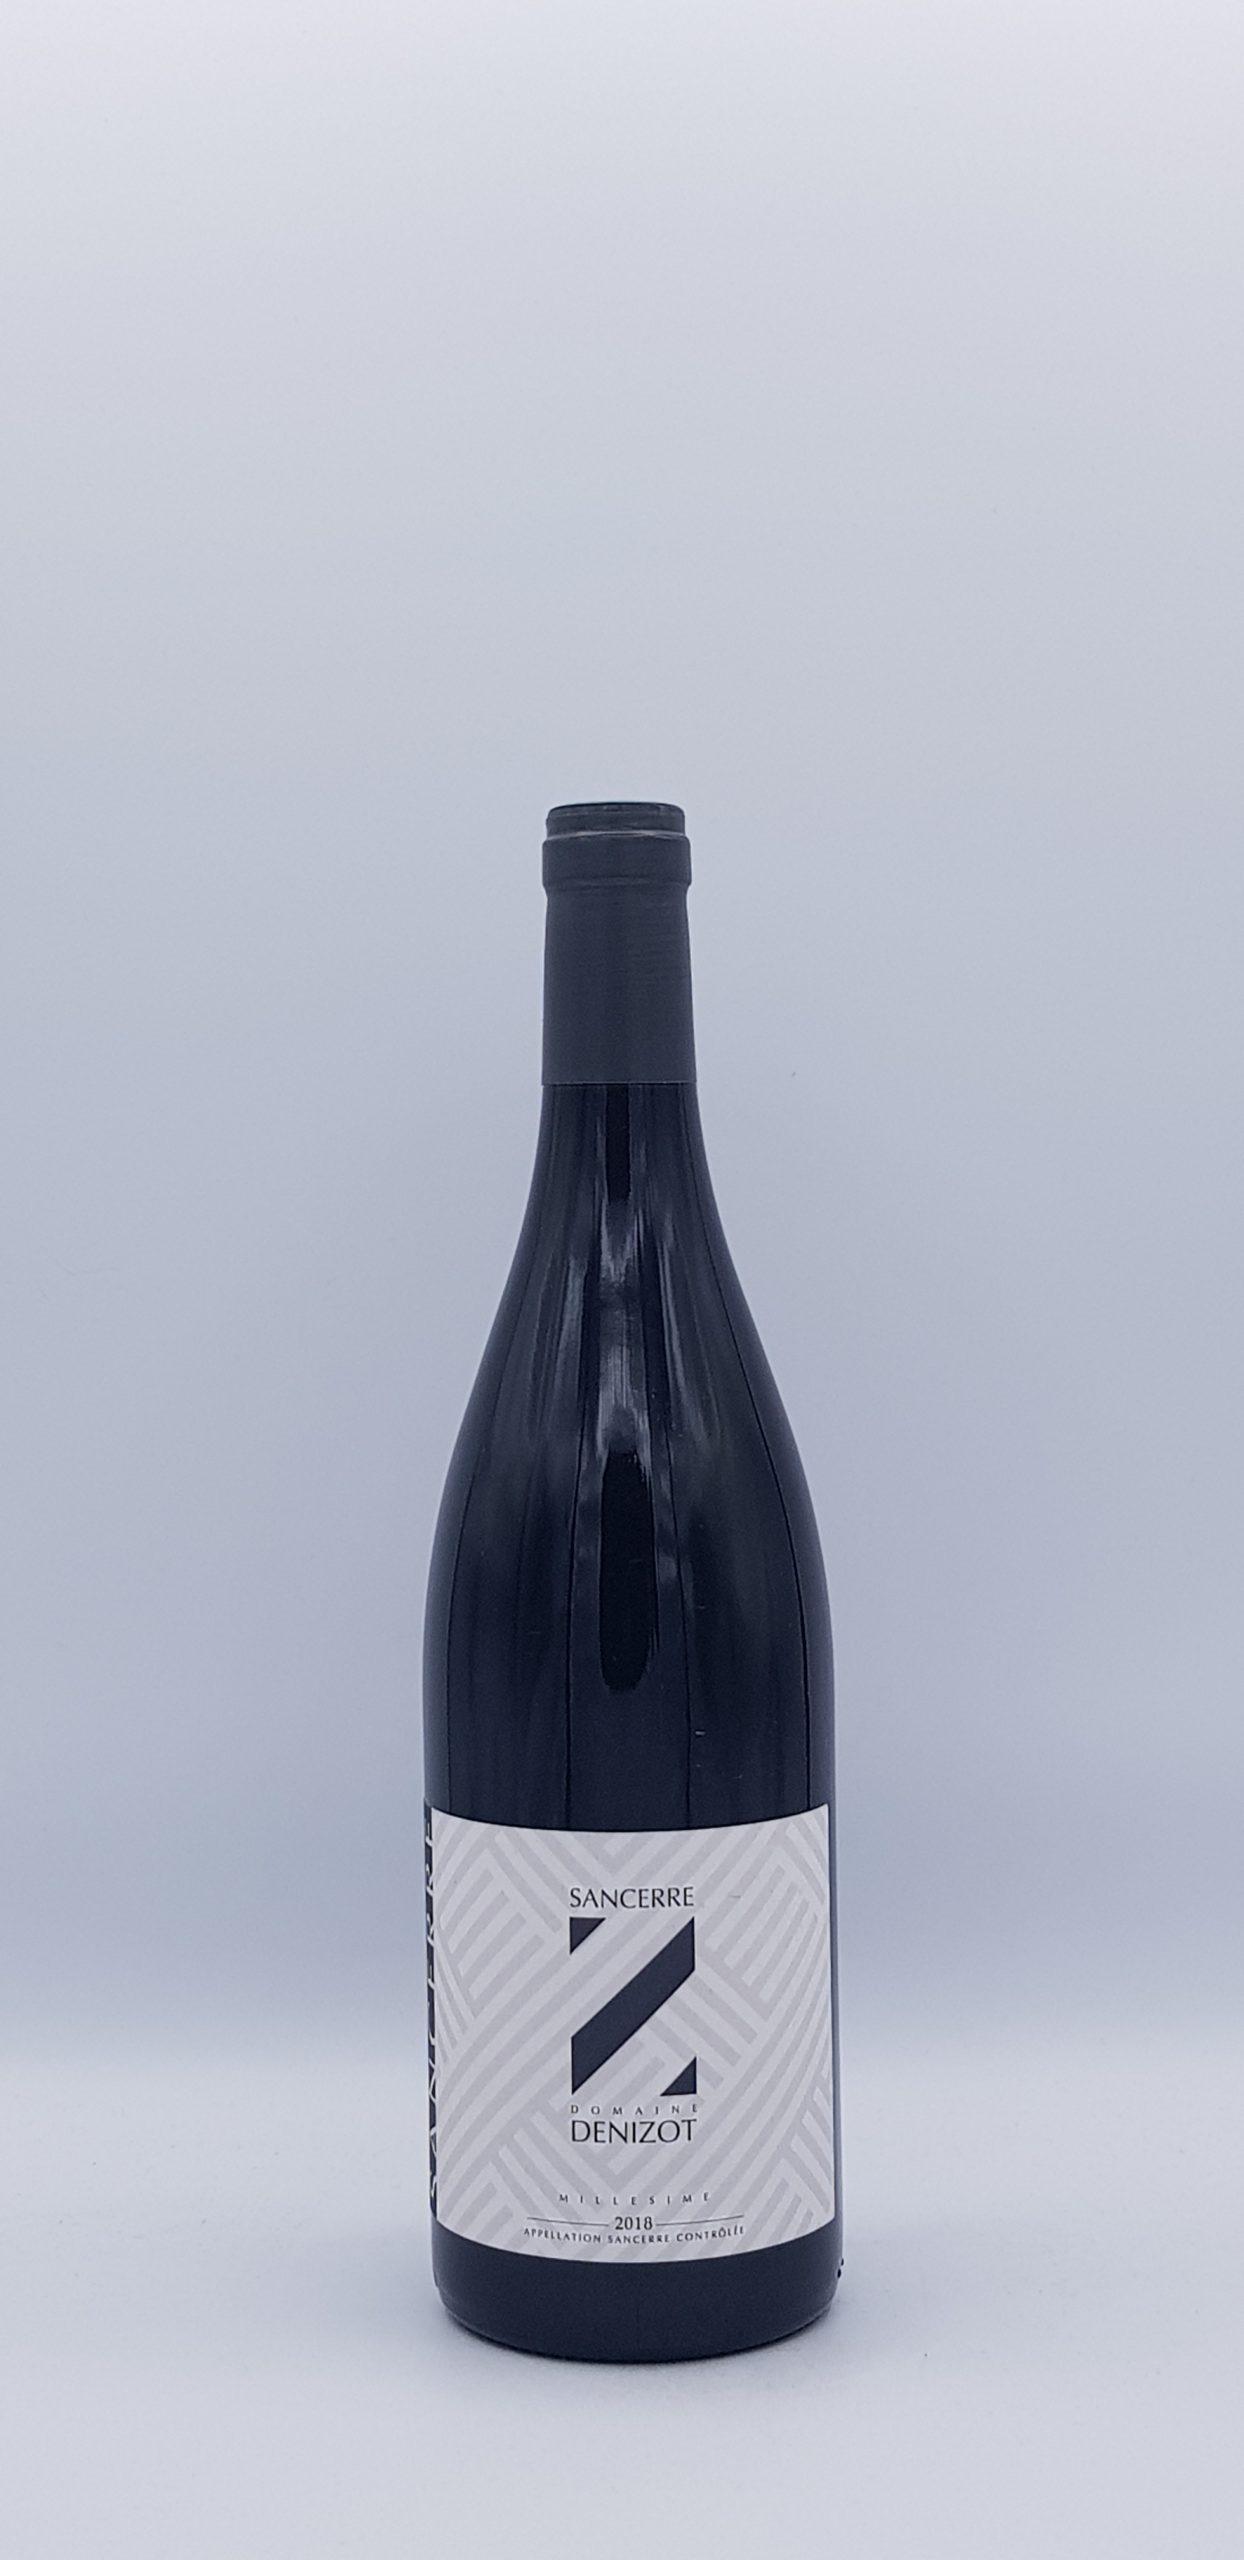 Sancerre Pinot noir 2018